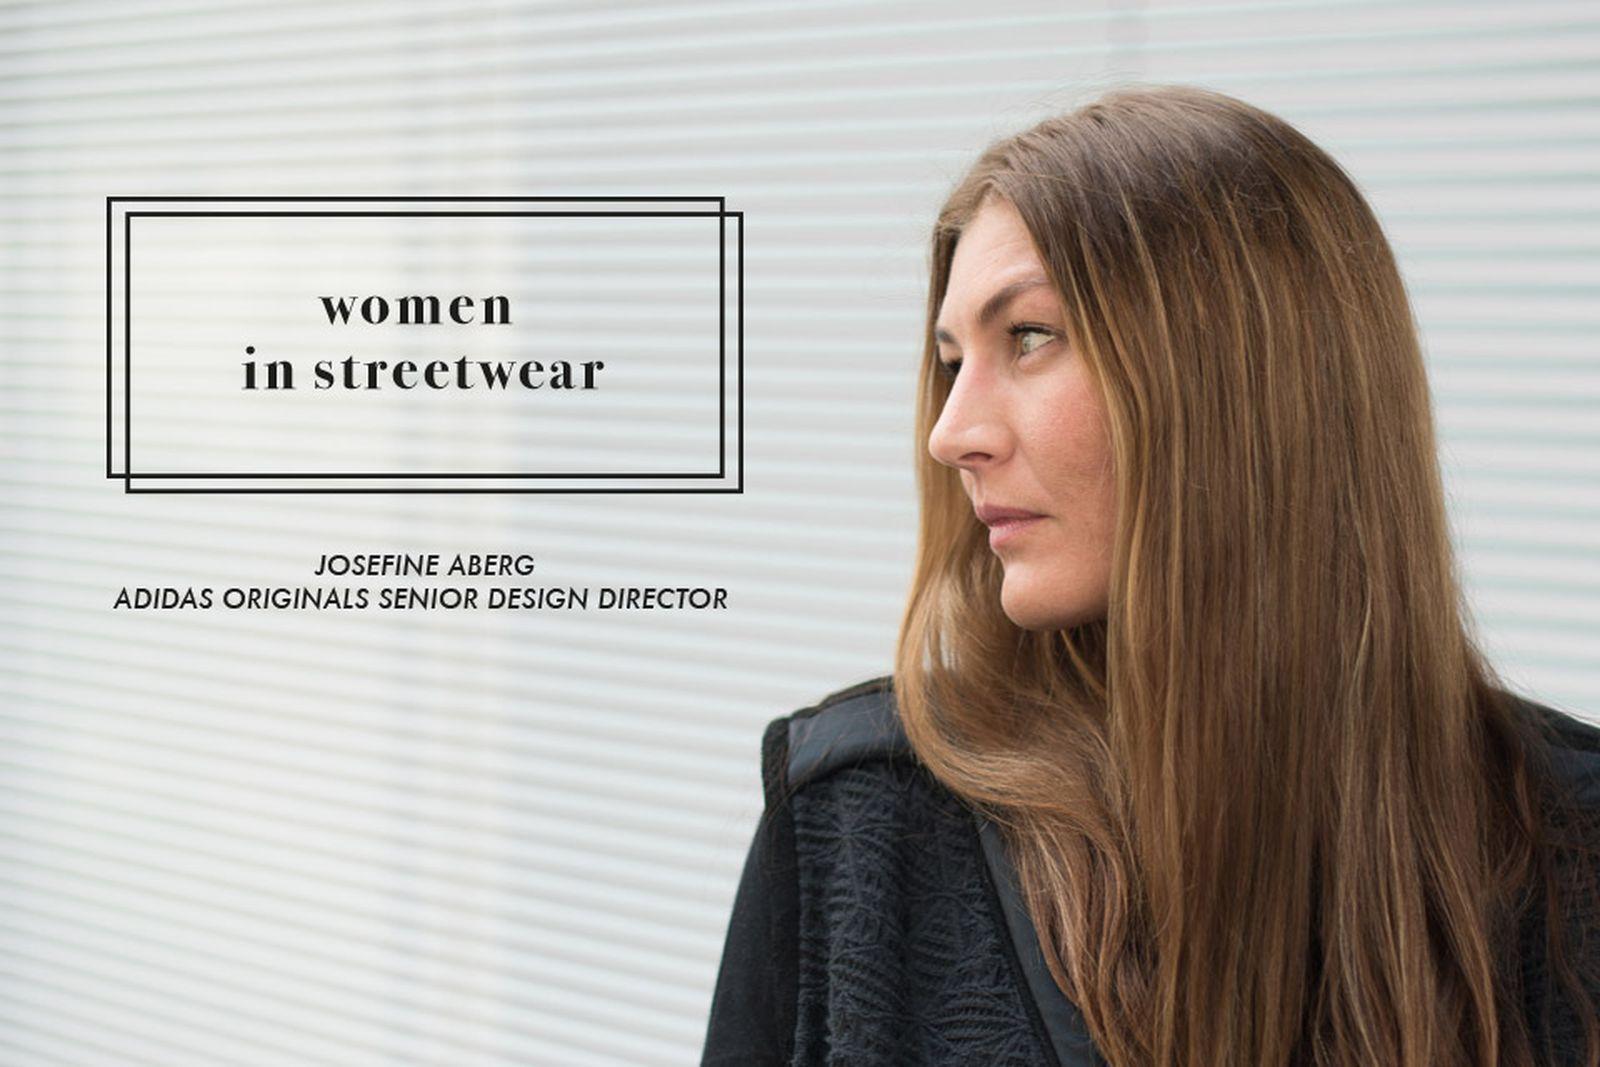 women_in_streetwear_article